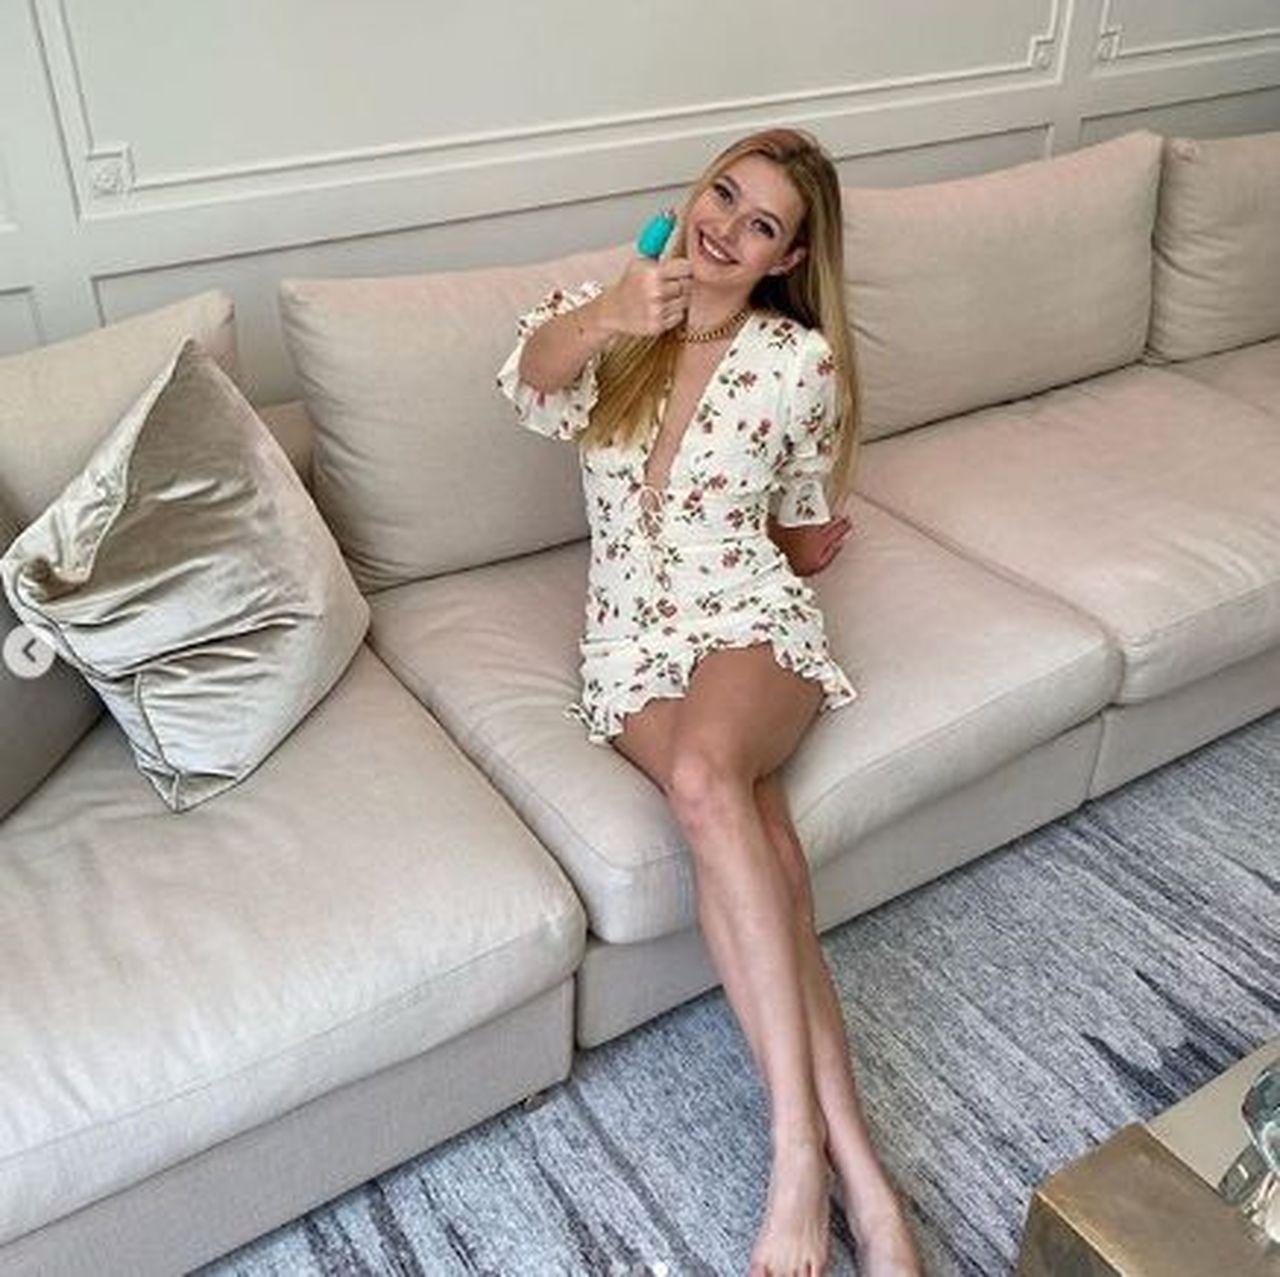 Apple Martin, córka Gwyneth Paltrow i Chrisa Martina, fot. Instagram Gwyneth Paltrow